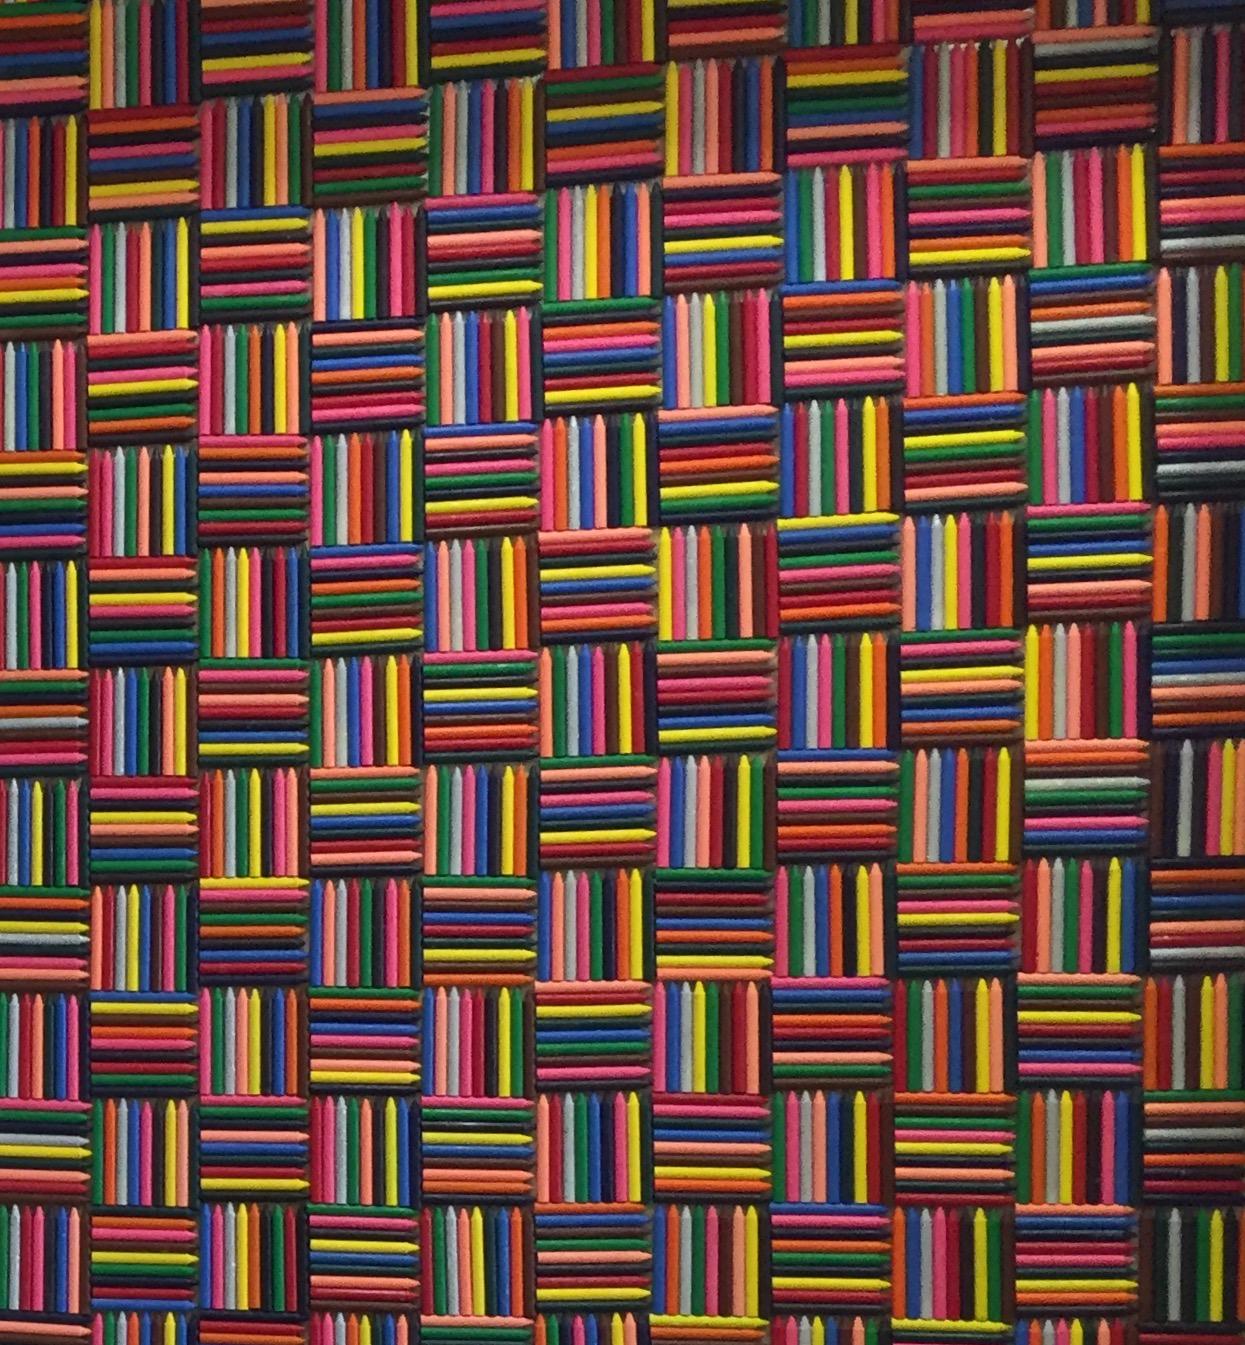 Crayon wall (closed view)